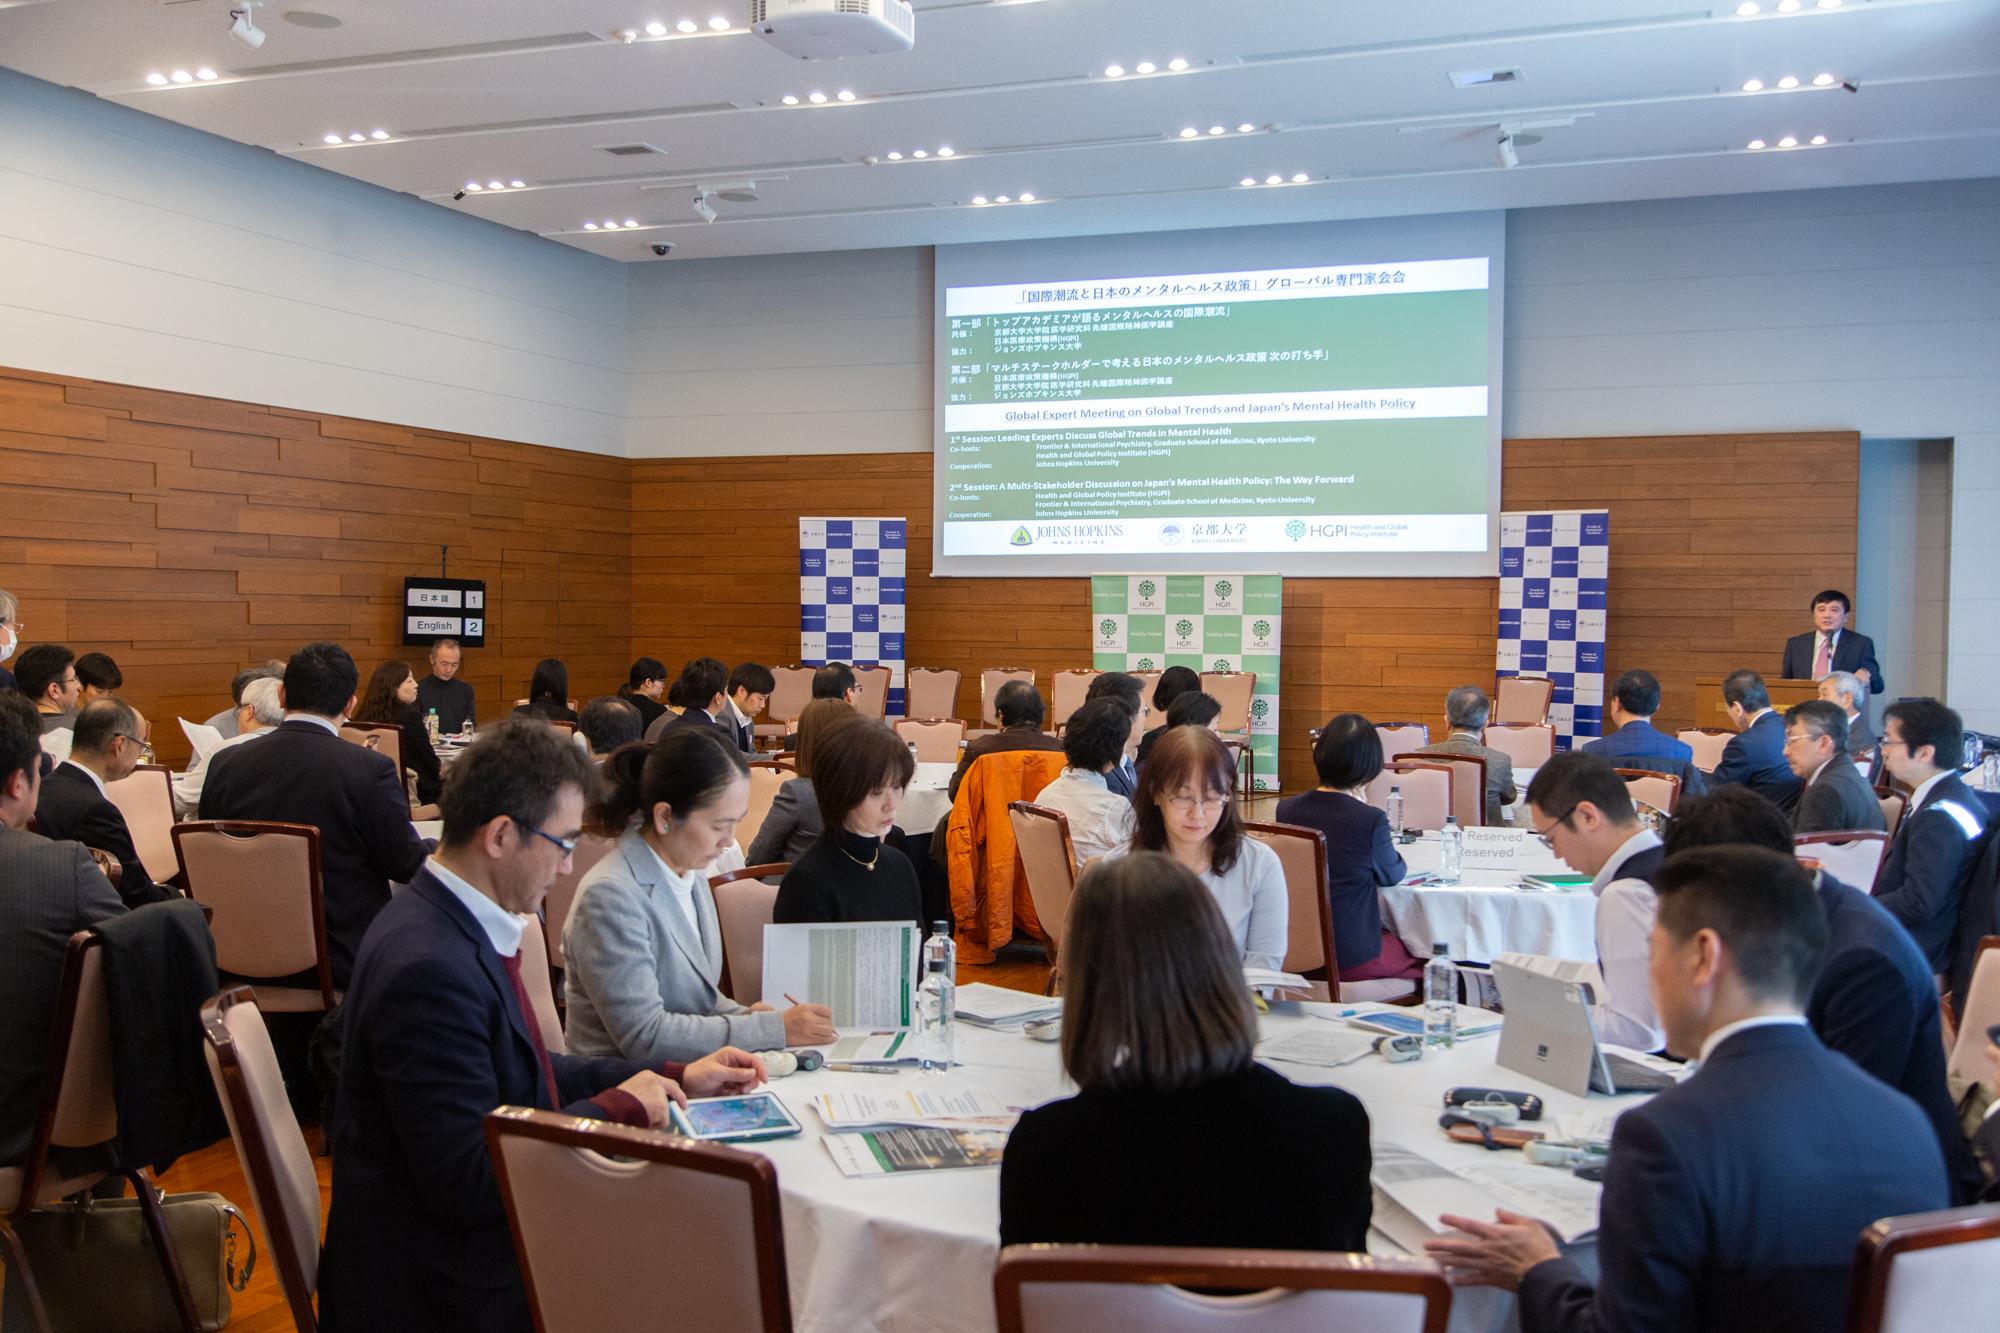 【開催報告】「国際潮流と日本のメンタルヘルス政策」グローバル専門家会合(2019年12月18日)